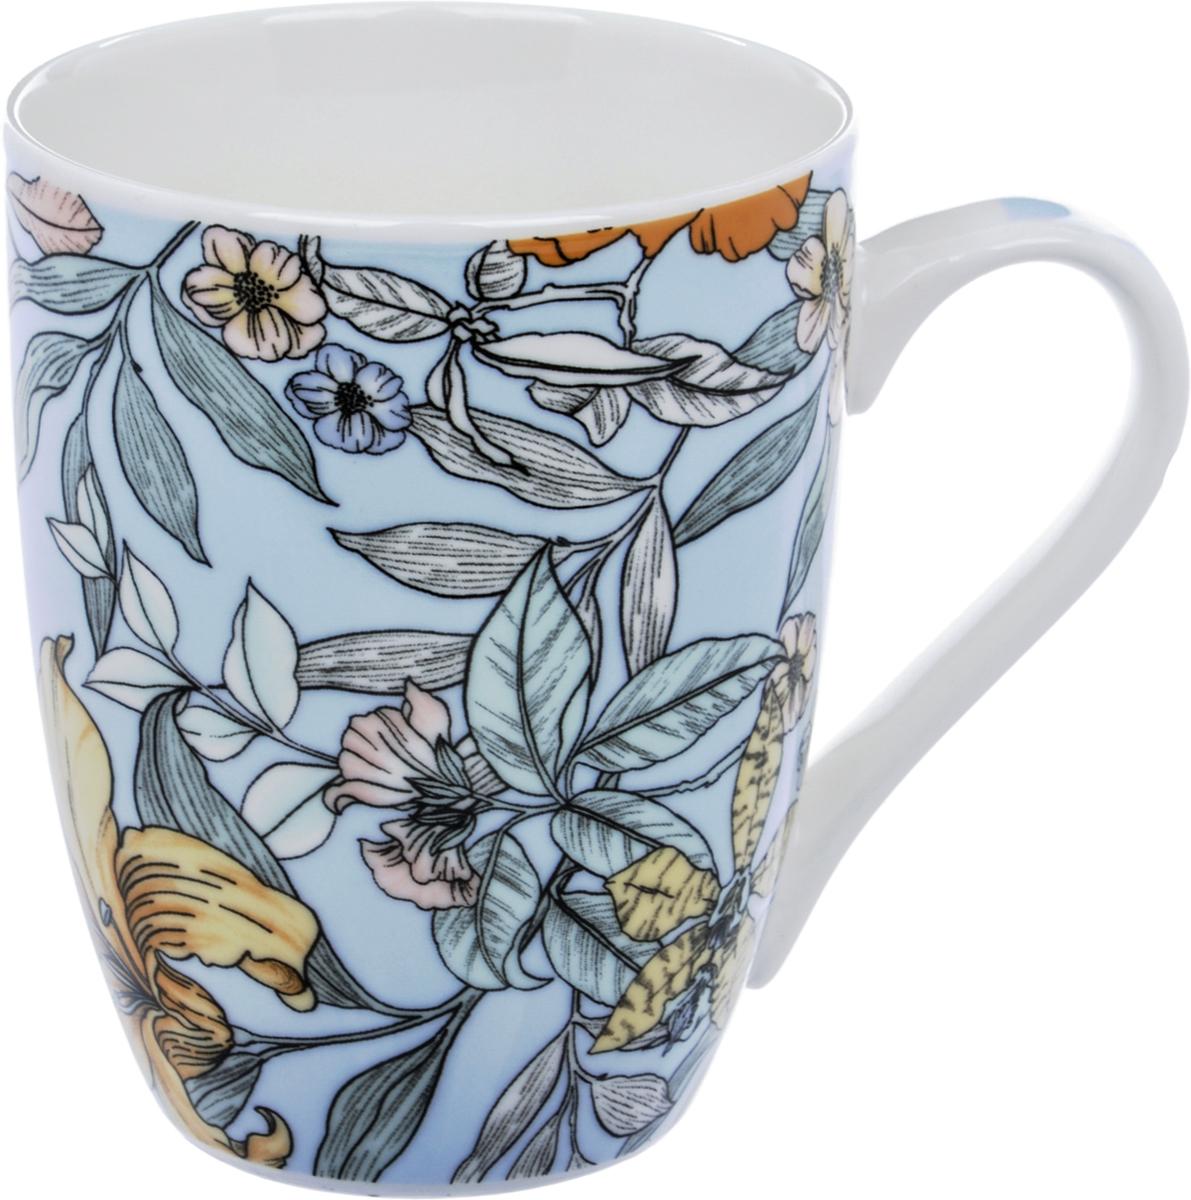 Кружка Liling Quanhu Цветы. Дизайн 4, 355 мл кружки из императорского фарфора купить в спб